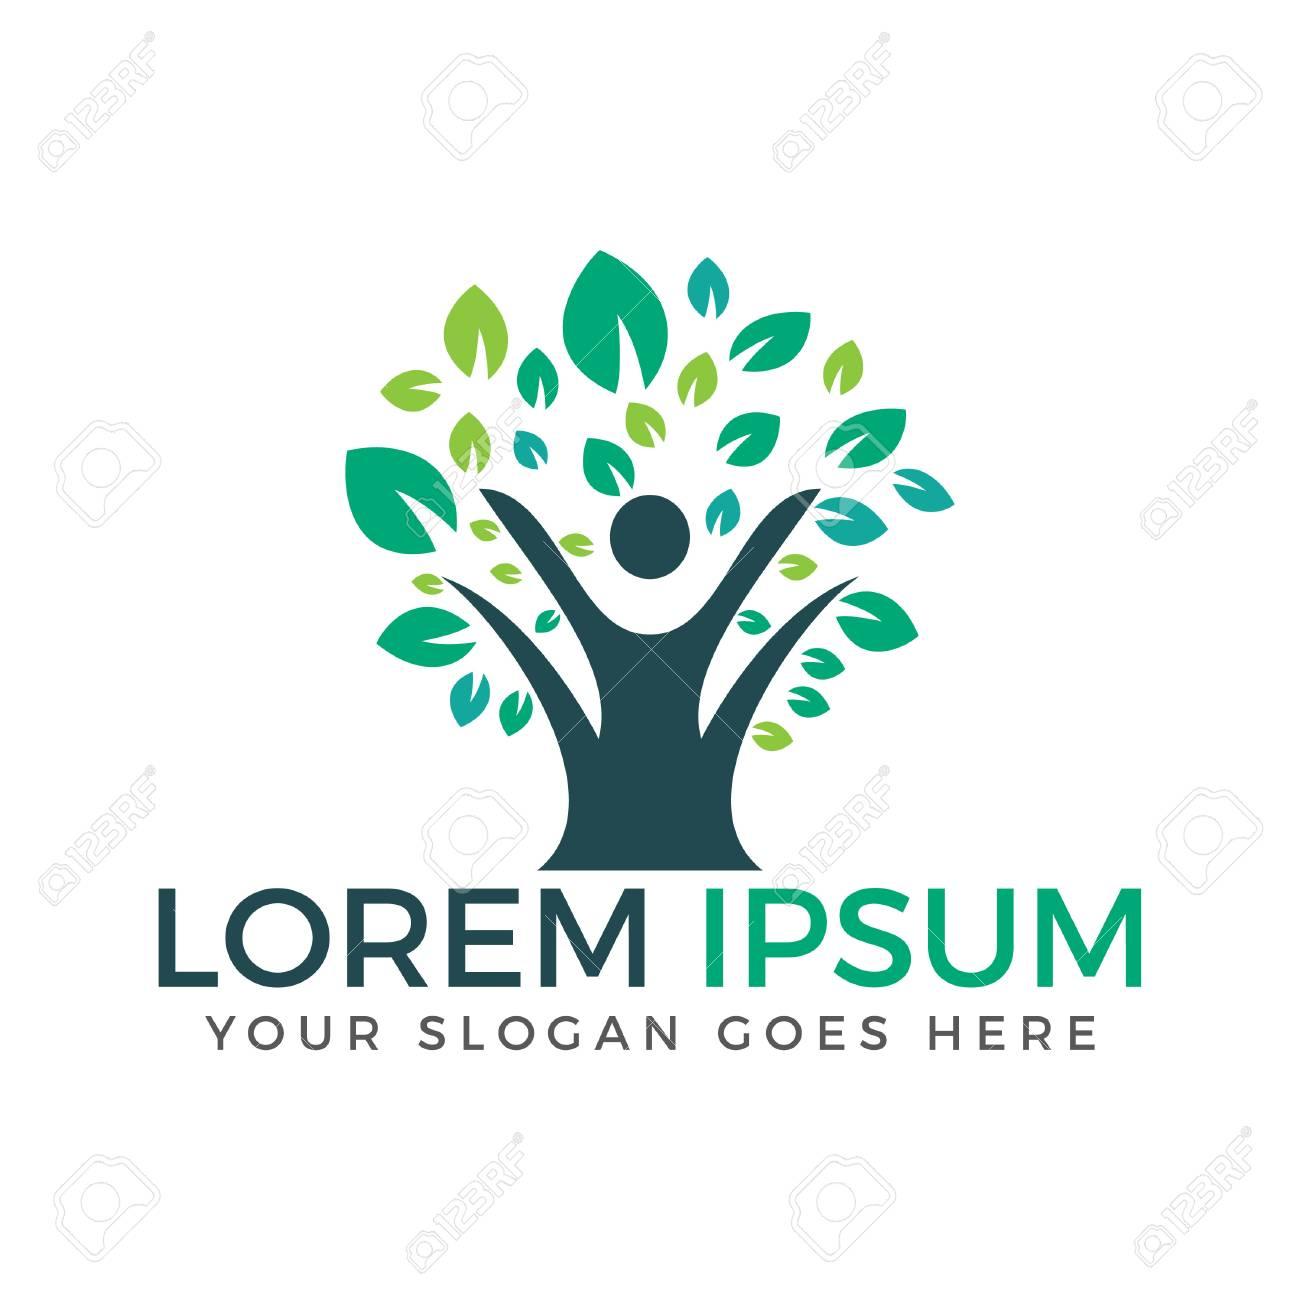 Gesunde Person Vektor Logo Design Menschen Baum öko Und